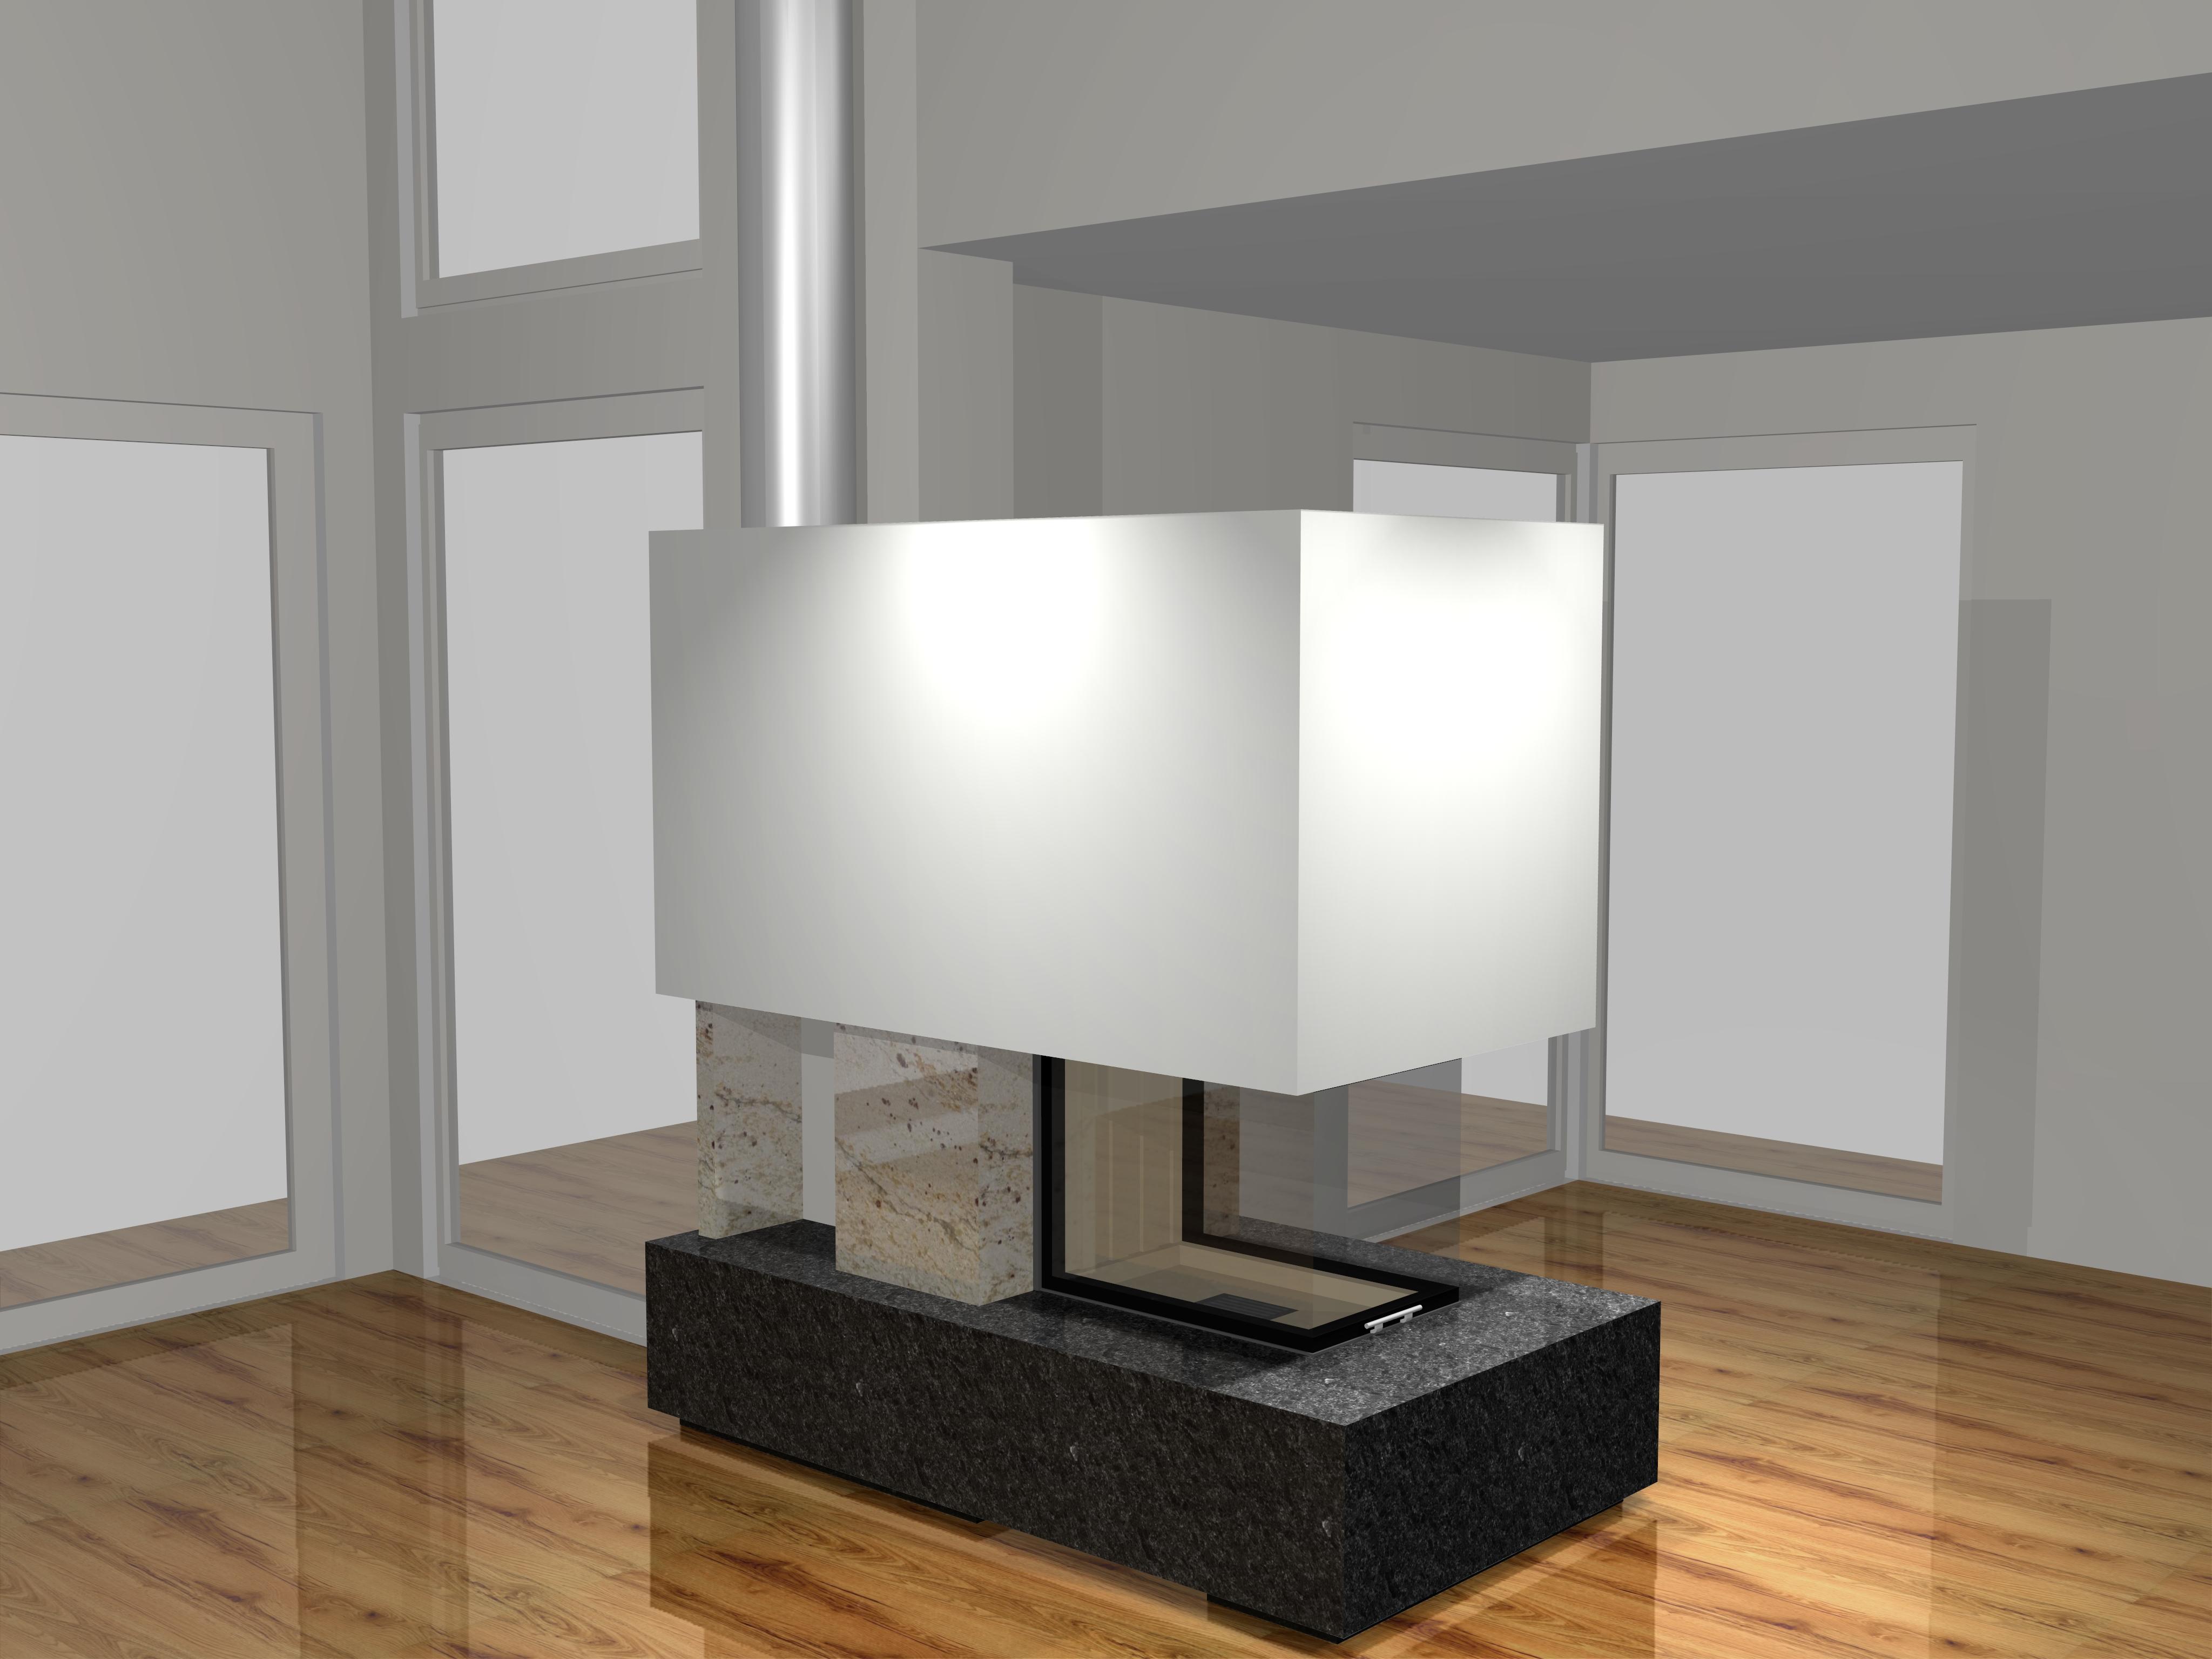 dreiseitiger gaskamin a26 2 mit montage. Black Bedroom Furniture Sets. Home Design Ideas